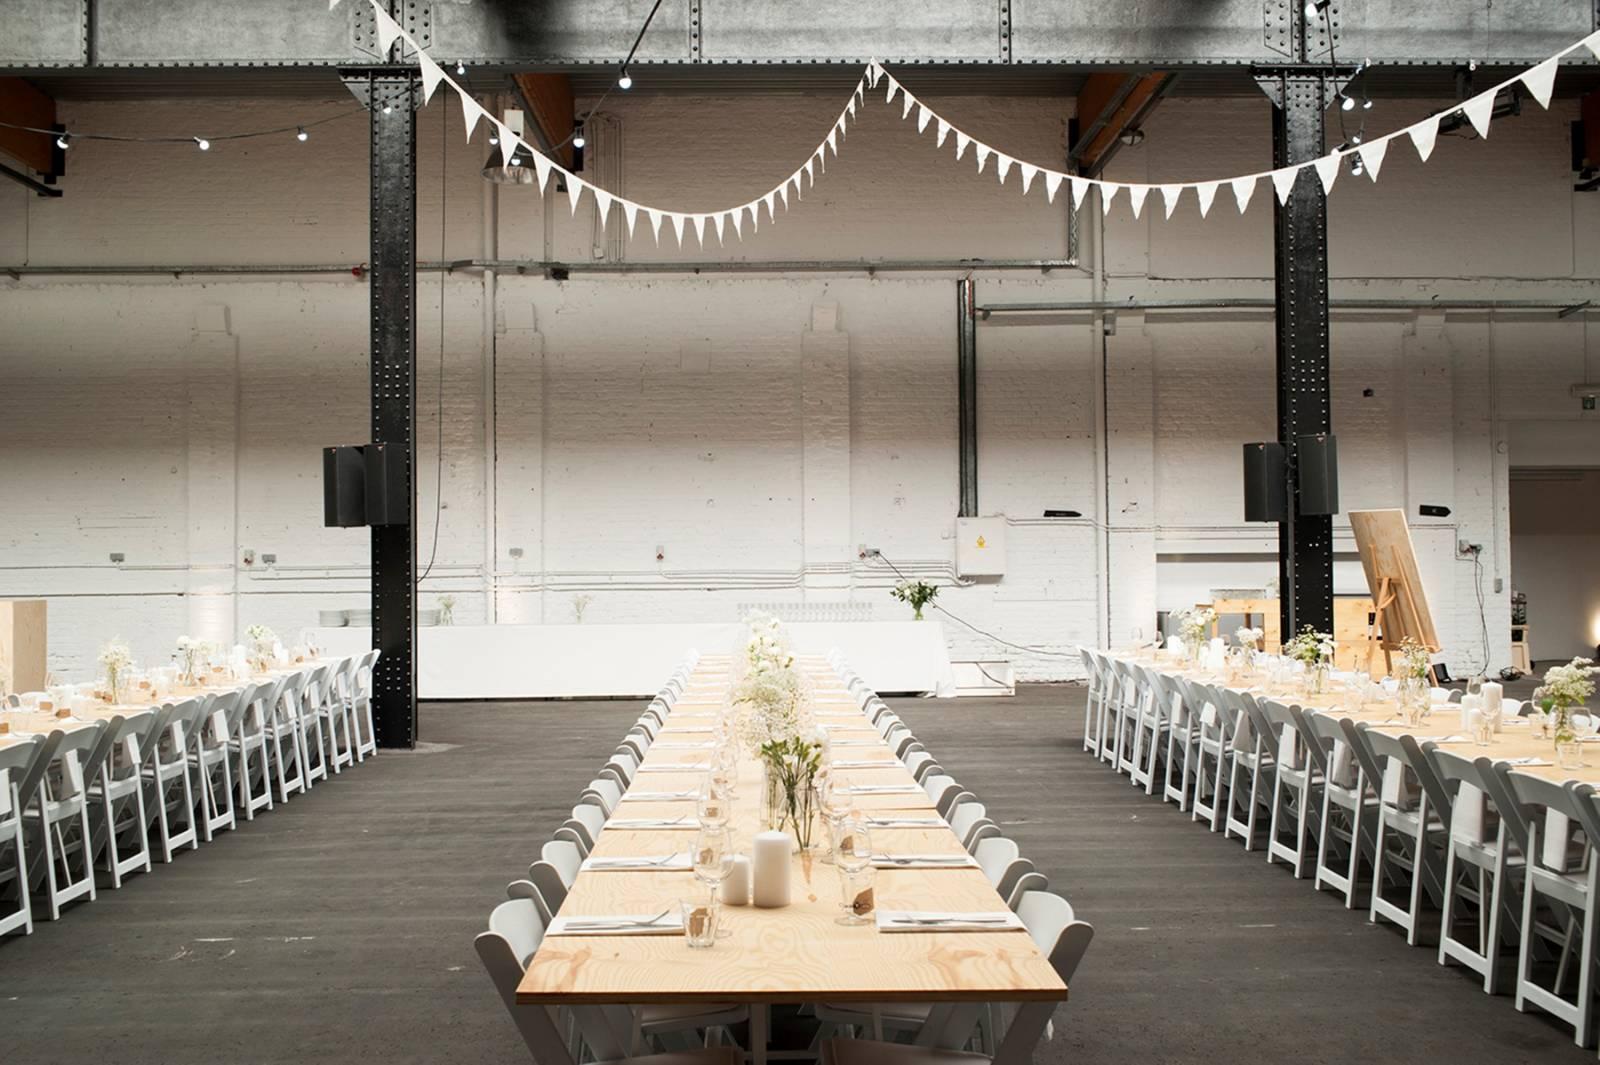 House of Weddings Firma Cantina Feestzaal Wedding Venue Huwelijk Brussel industrieel fabriek ceremonie receptie walking dinner (19)